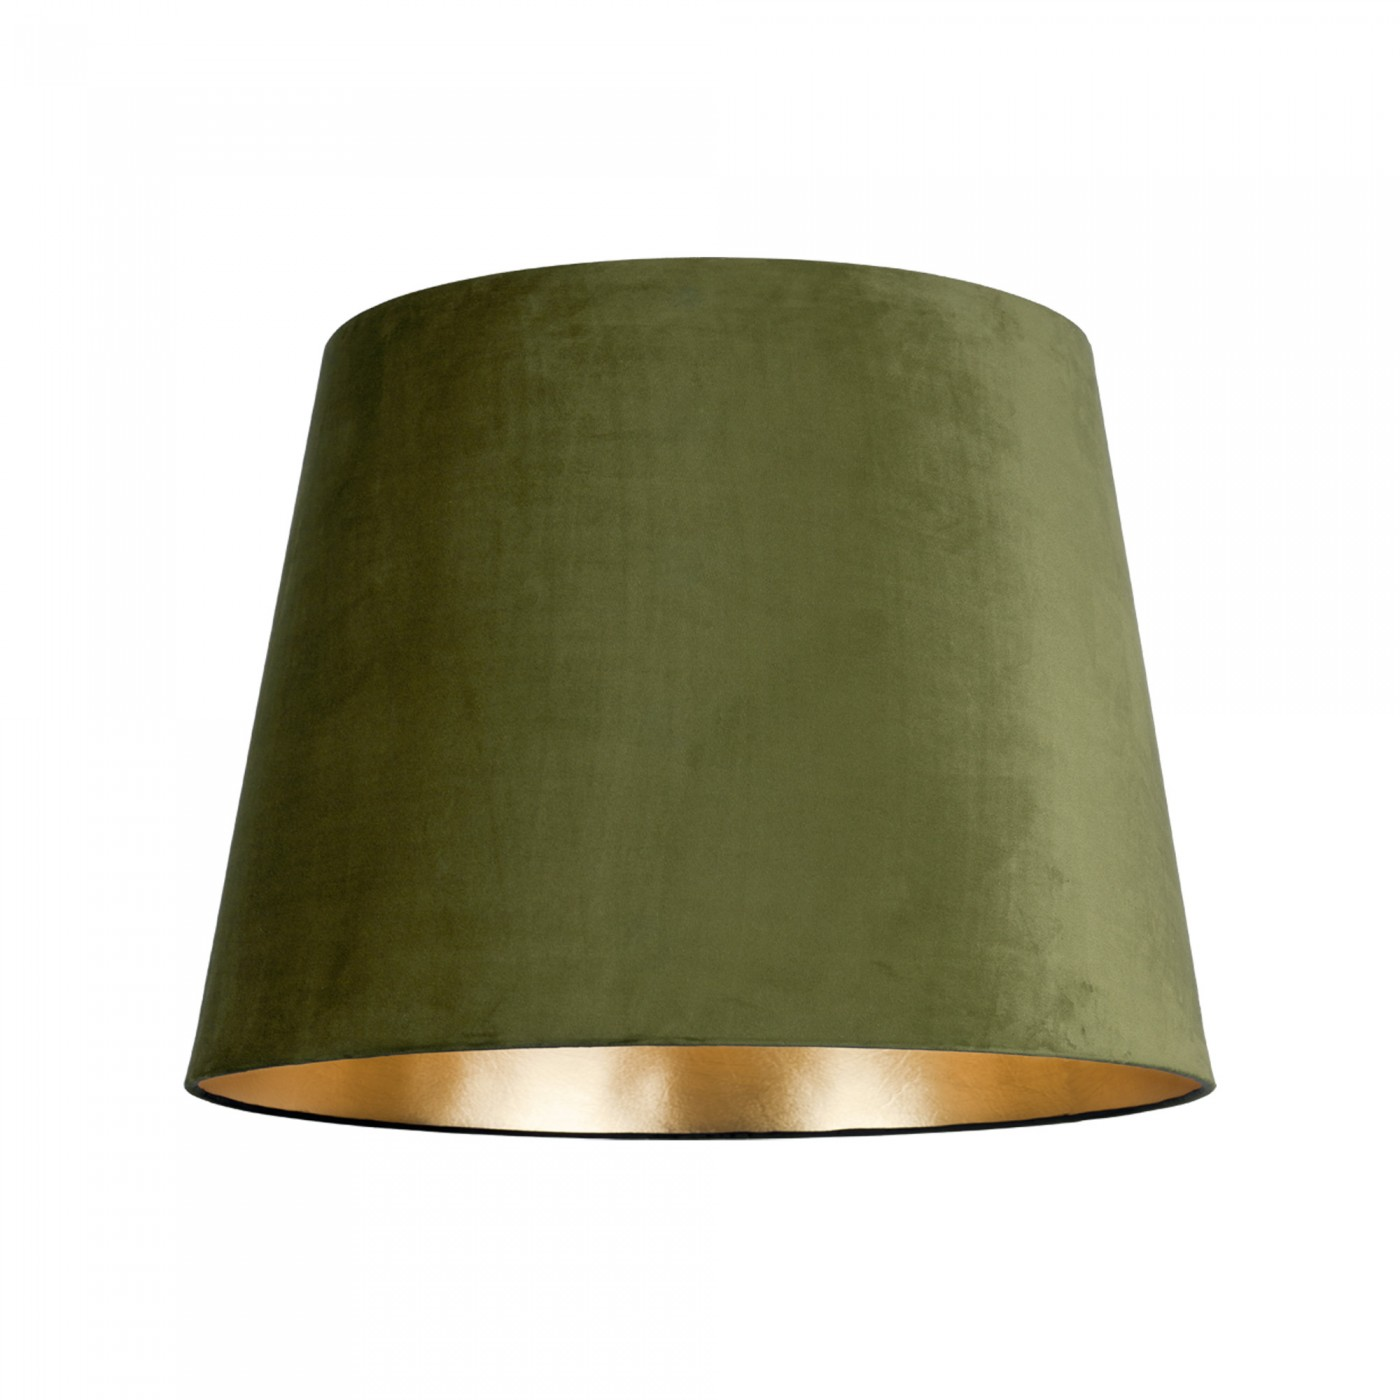 CAMELEON CONE L V GN/G 8410 Nowodvorski Lighting